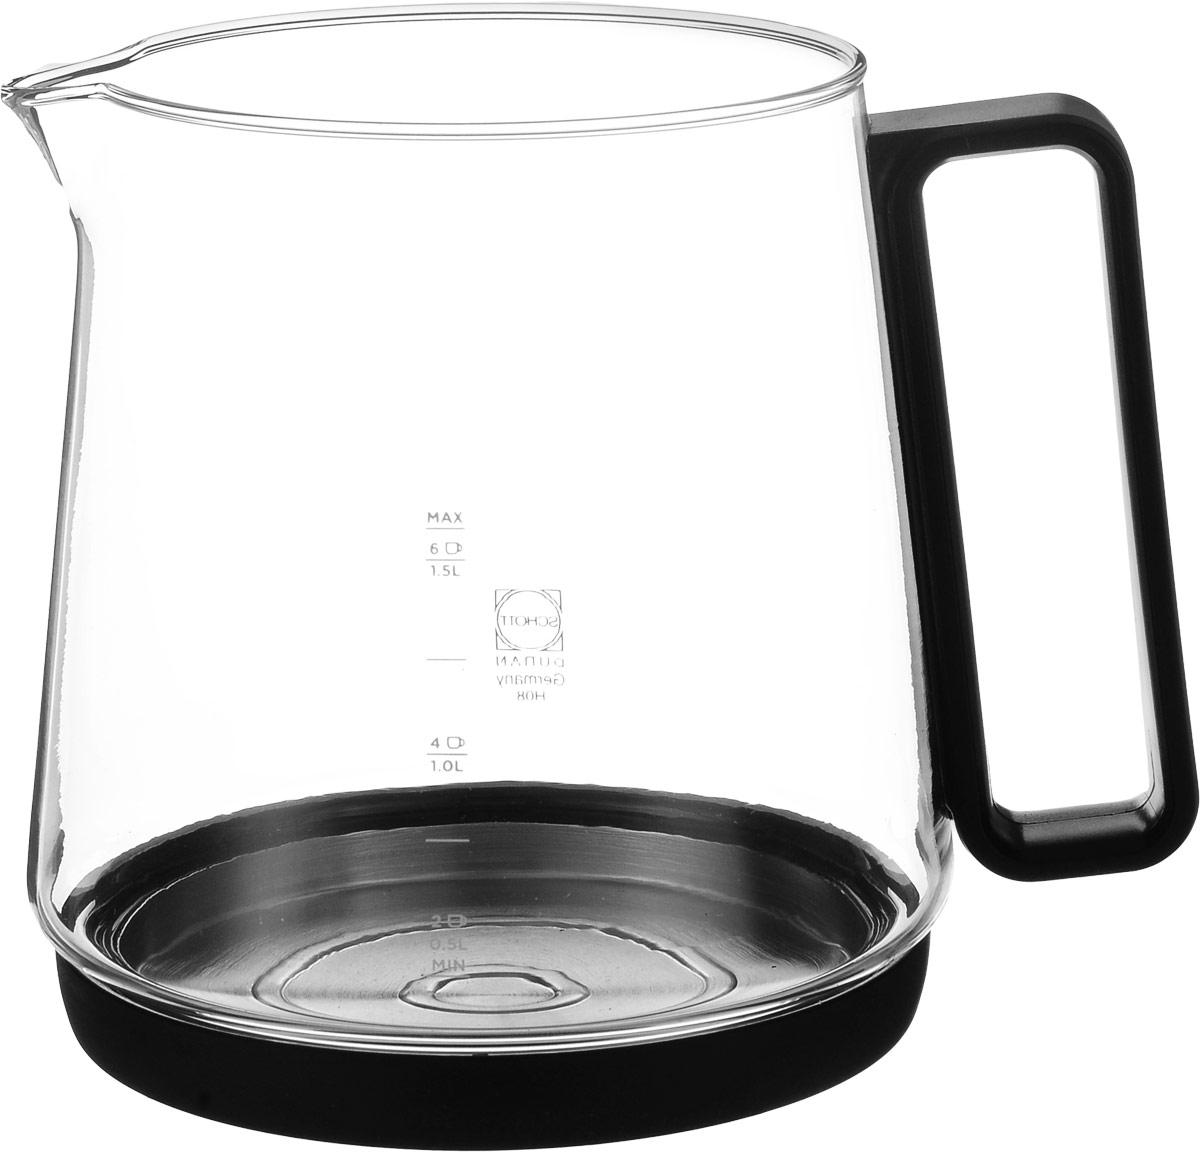 Princess 901.236007.006, Clear Silver чаша стеклянная для чайника901.236007.006Чаша из высококачественного термоупрочненного стекла Schott Duran предназначена для индукционного чайника Princess 236007. В ней можно как кипятить воду, так и заваривать чай. Максимальная емкость аксессуара составляет 1,7 литра, а уровень мерной шкалы - 1,5 литра.